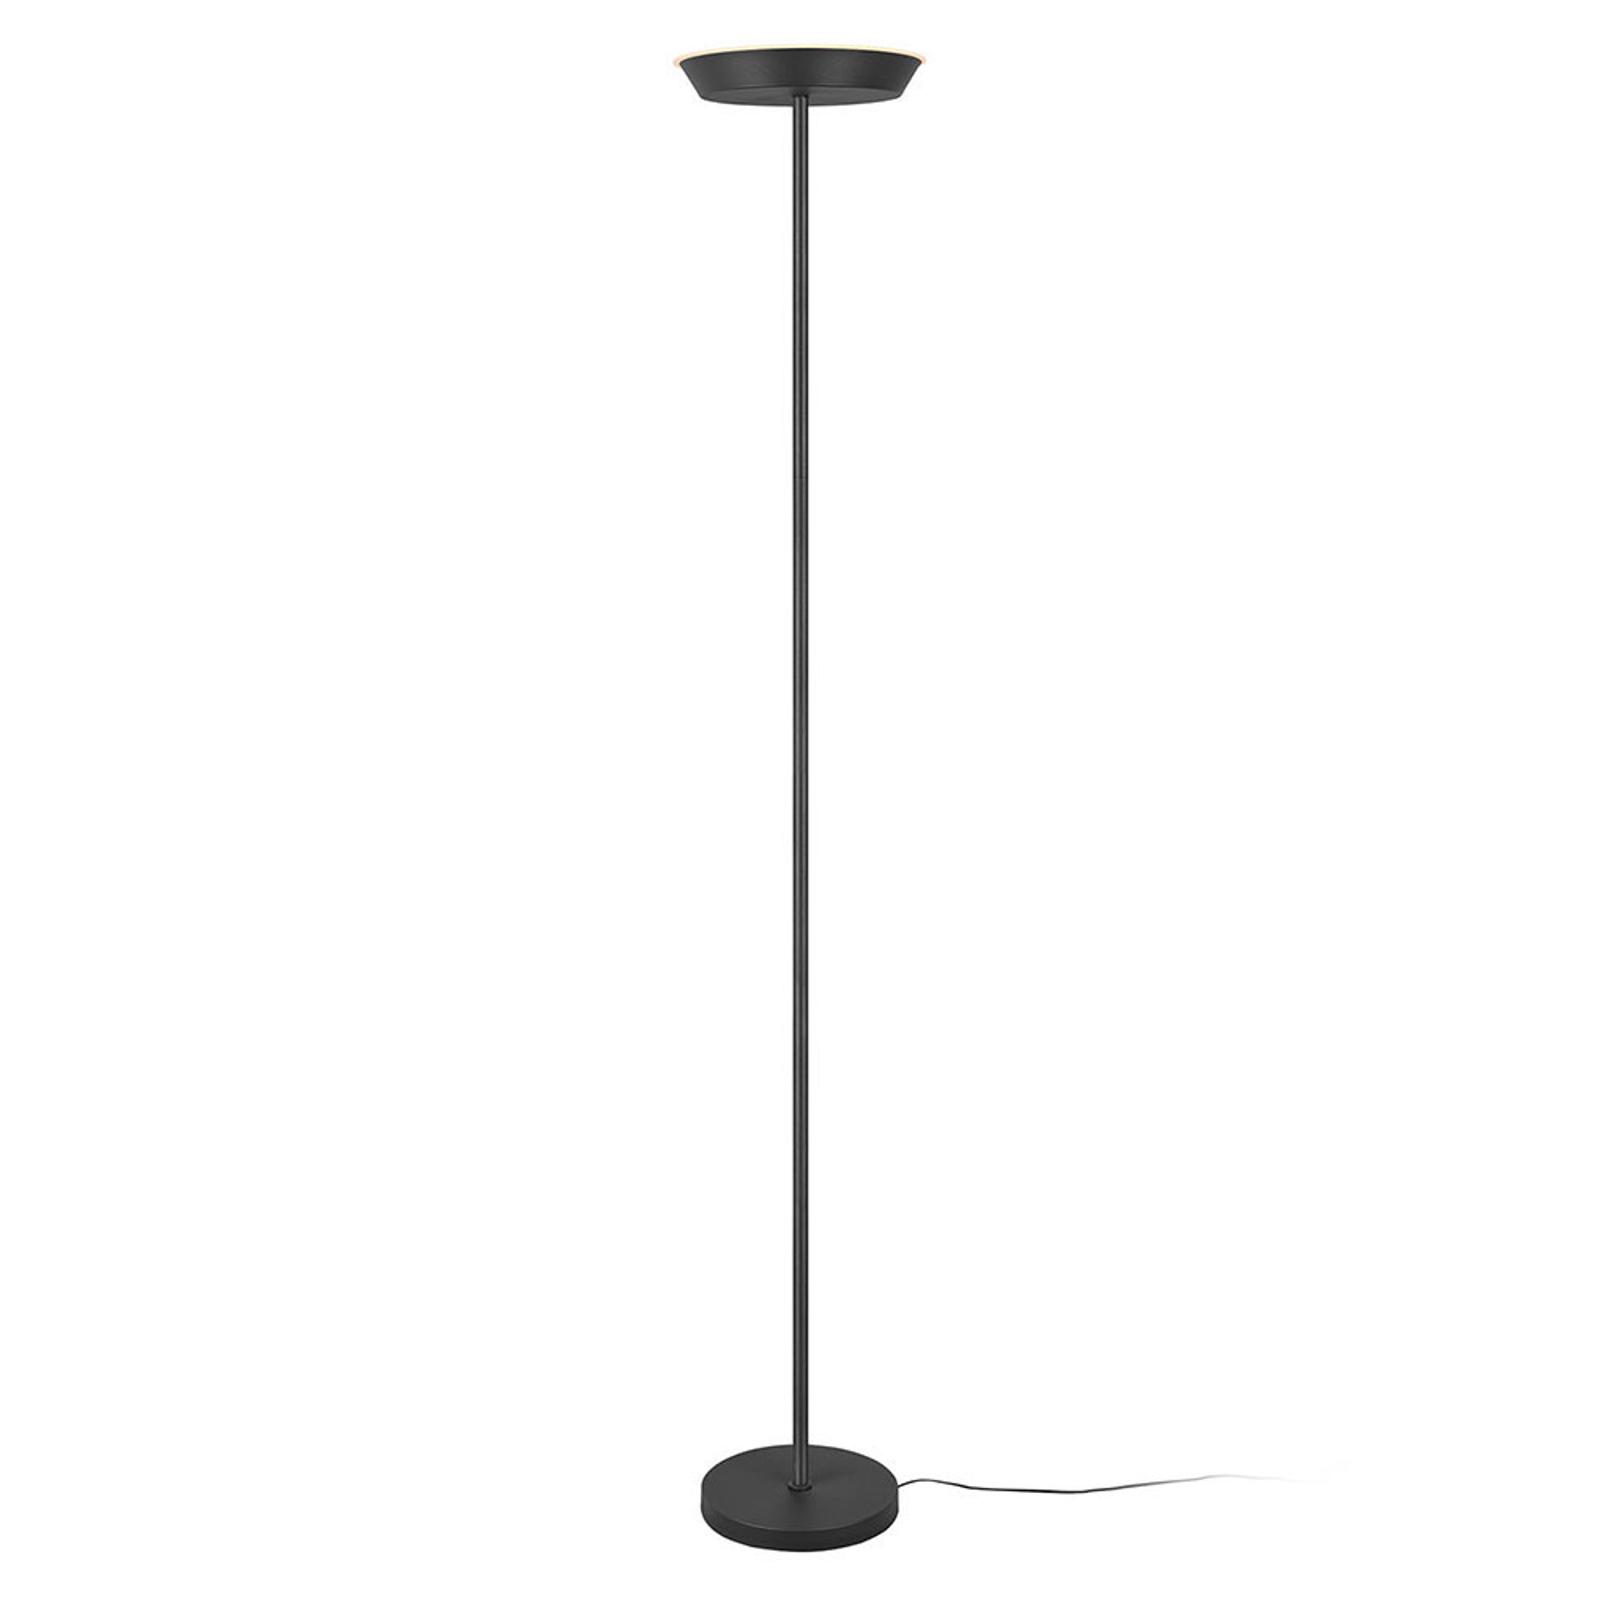 Lampa LED oświetlająca sufit Swona, WiZ, czarna